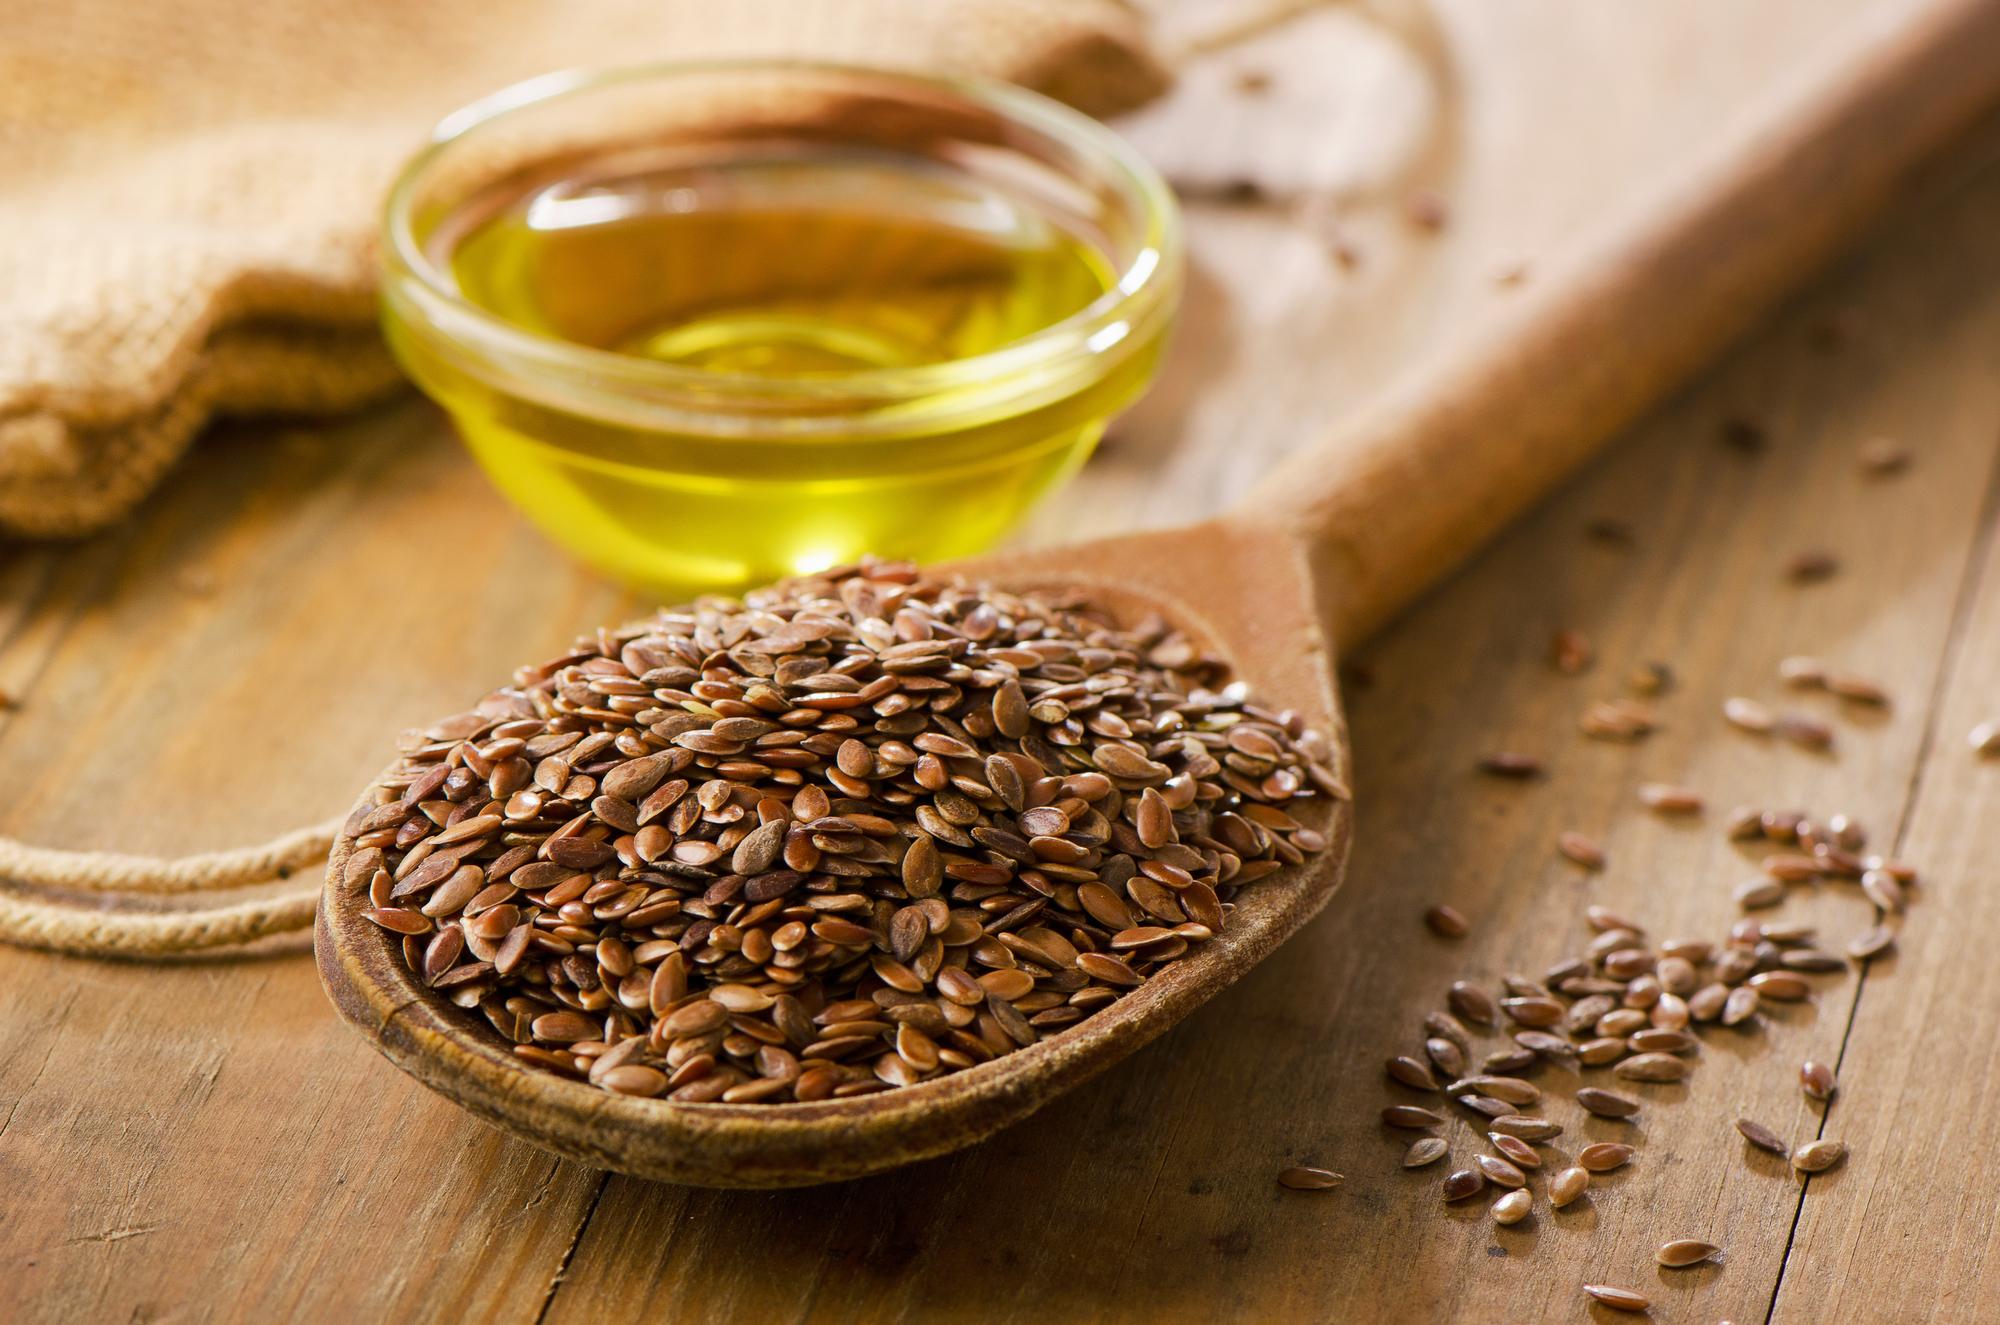 Семена льна: какими полезными свойствами обладают